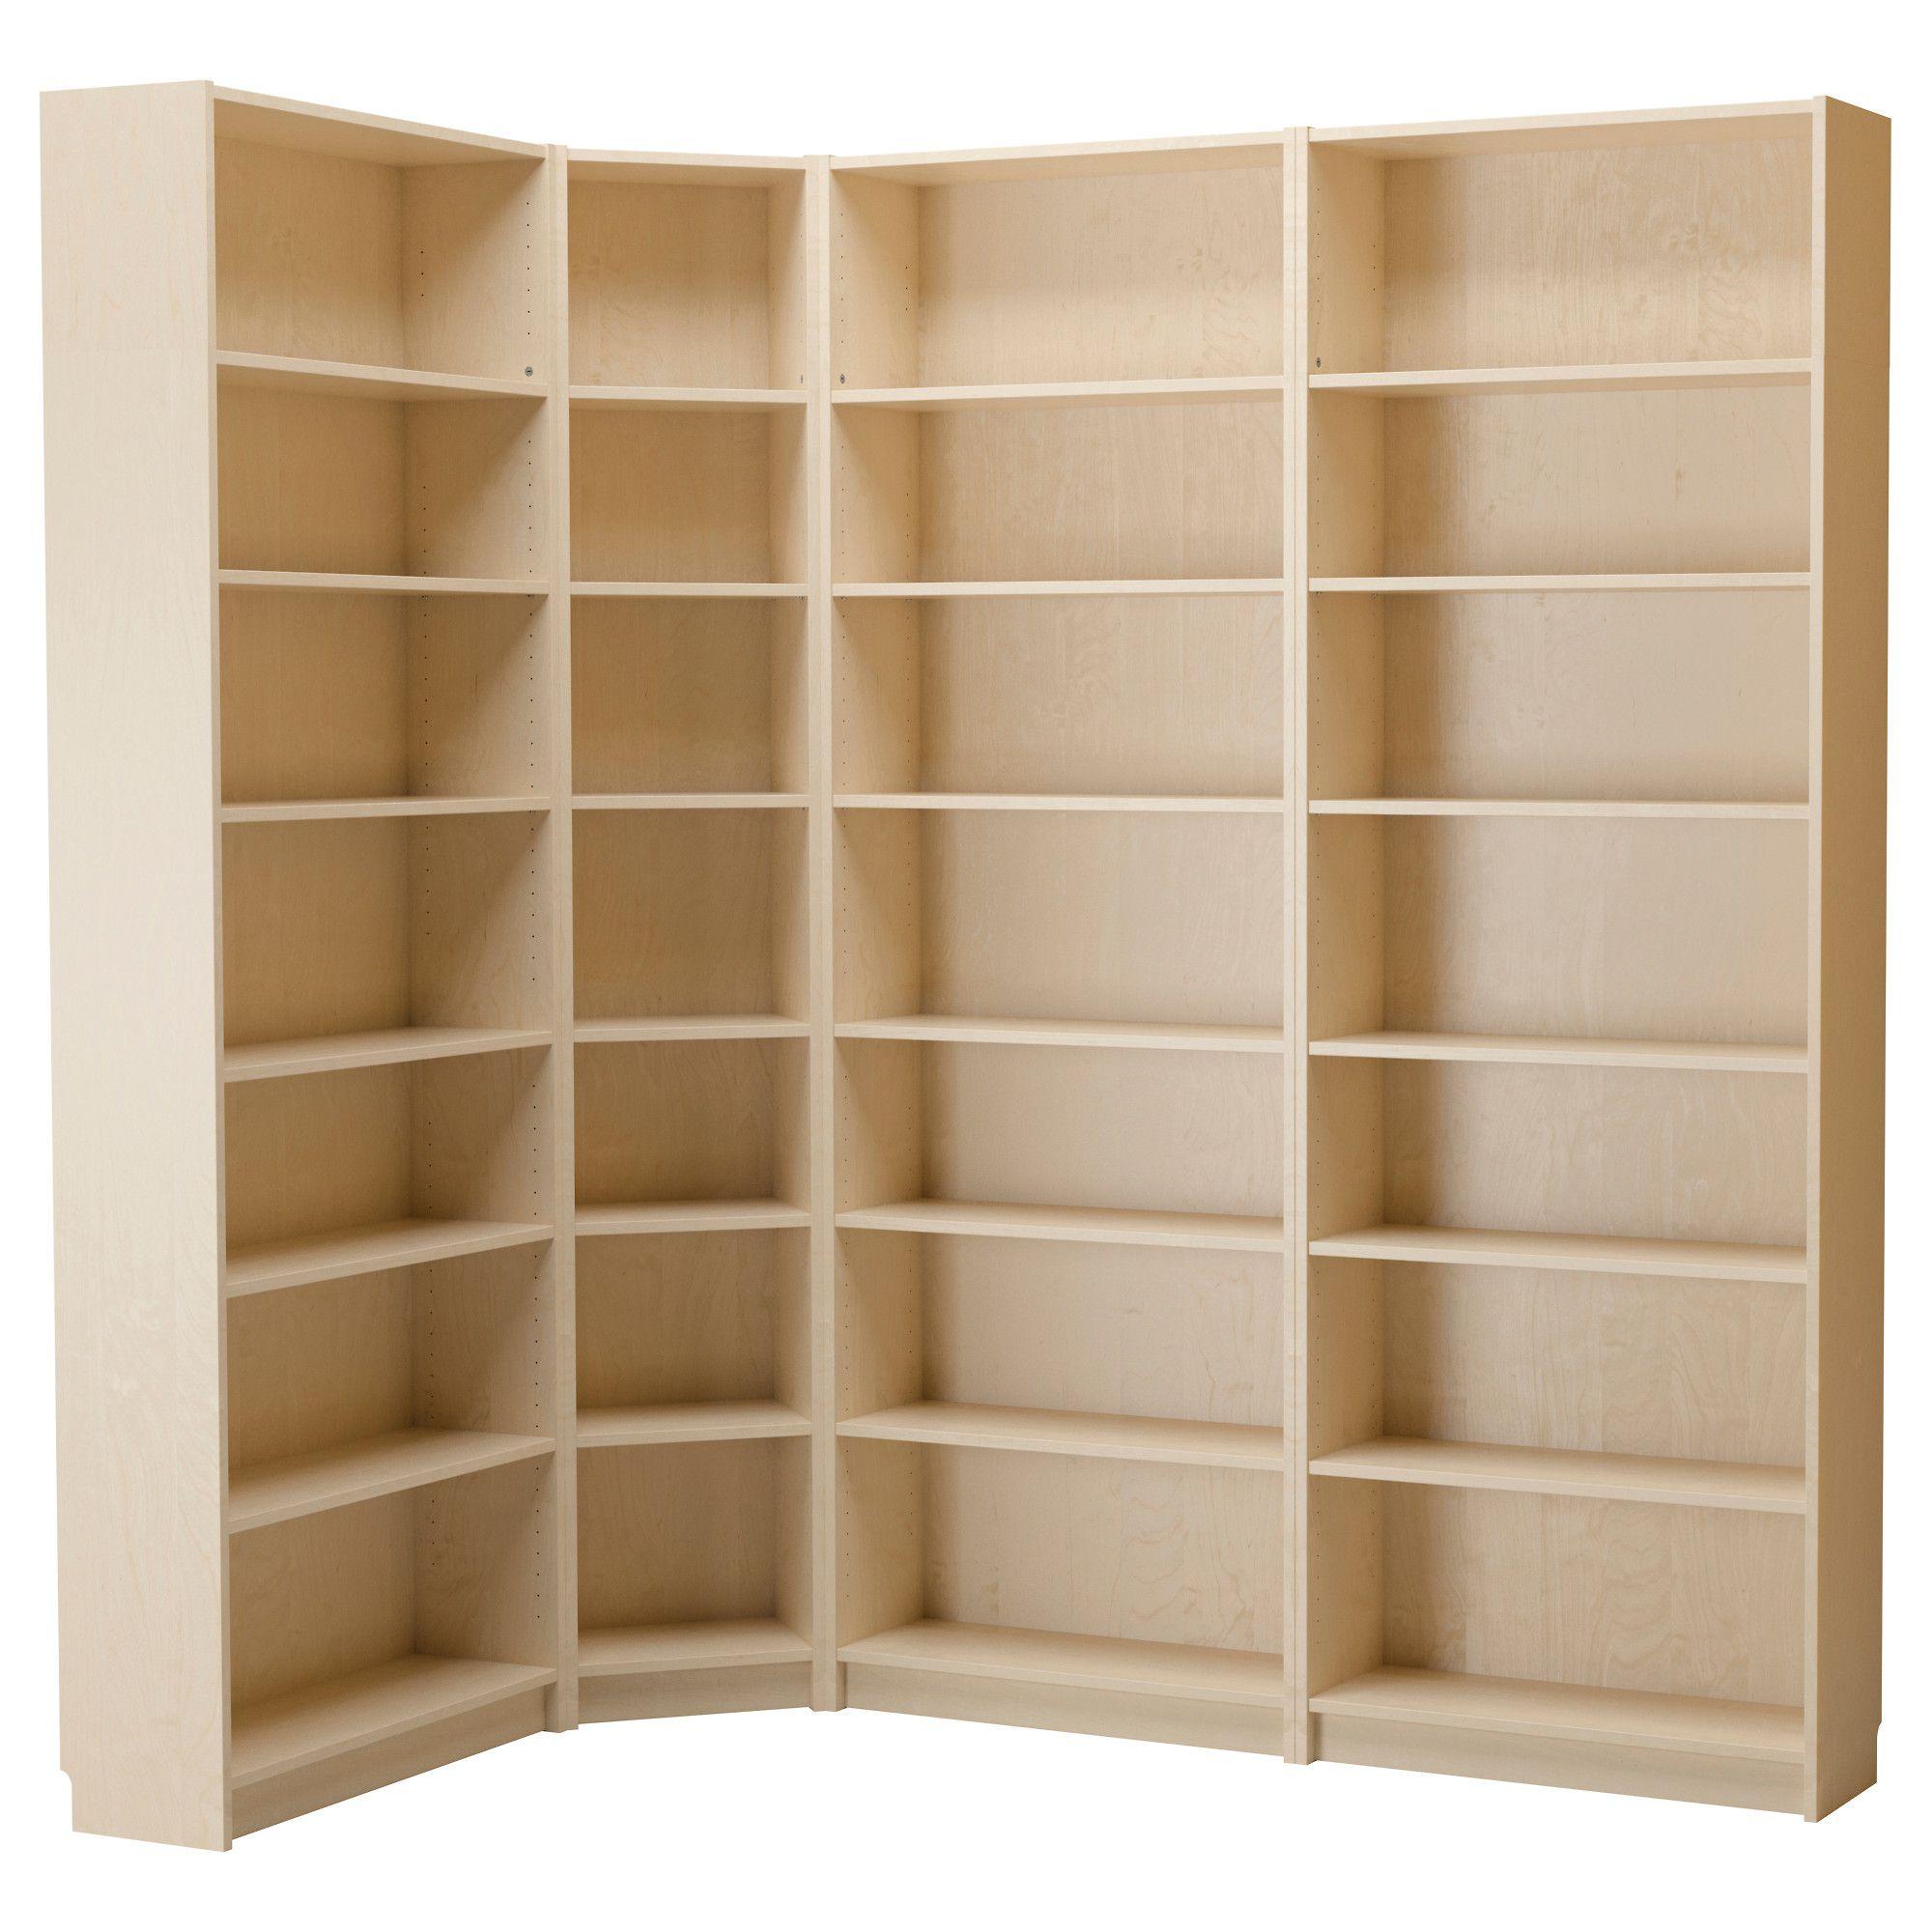 Billy Bookcase Birch Veneer Ikea Billy Birch And Narrow Shelves # Muebles Billy Ikea